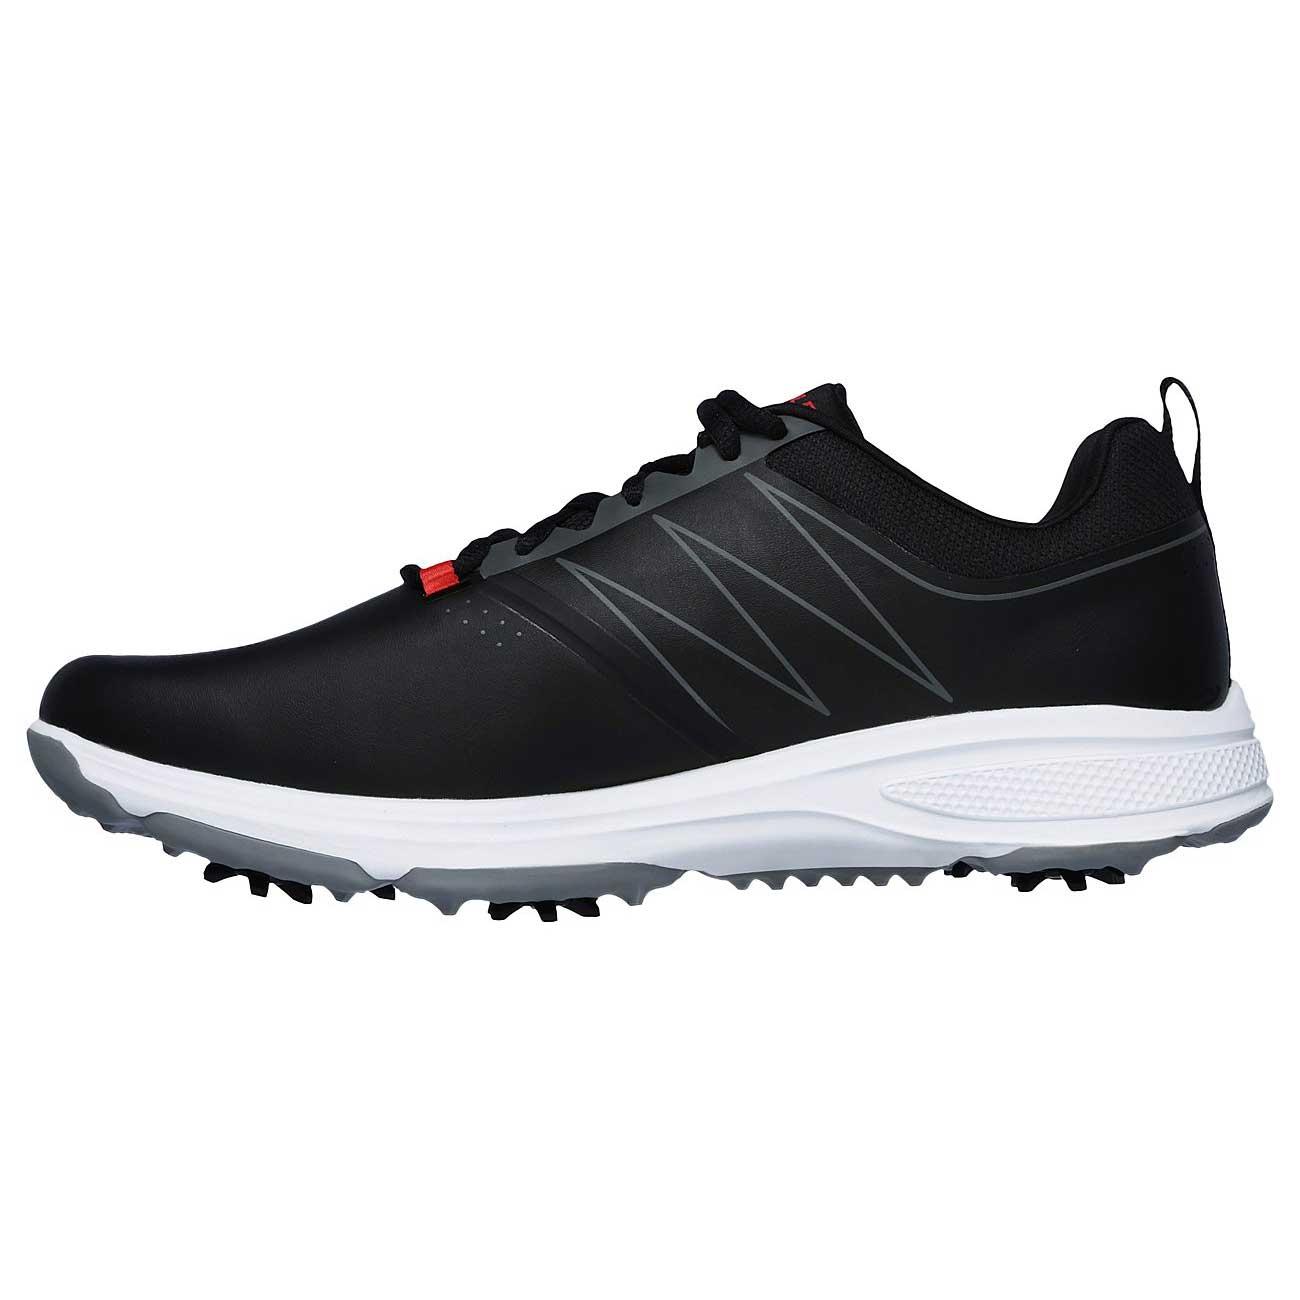 Skechers Men's Go Golf Torque Black/Red Golf Shoe